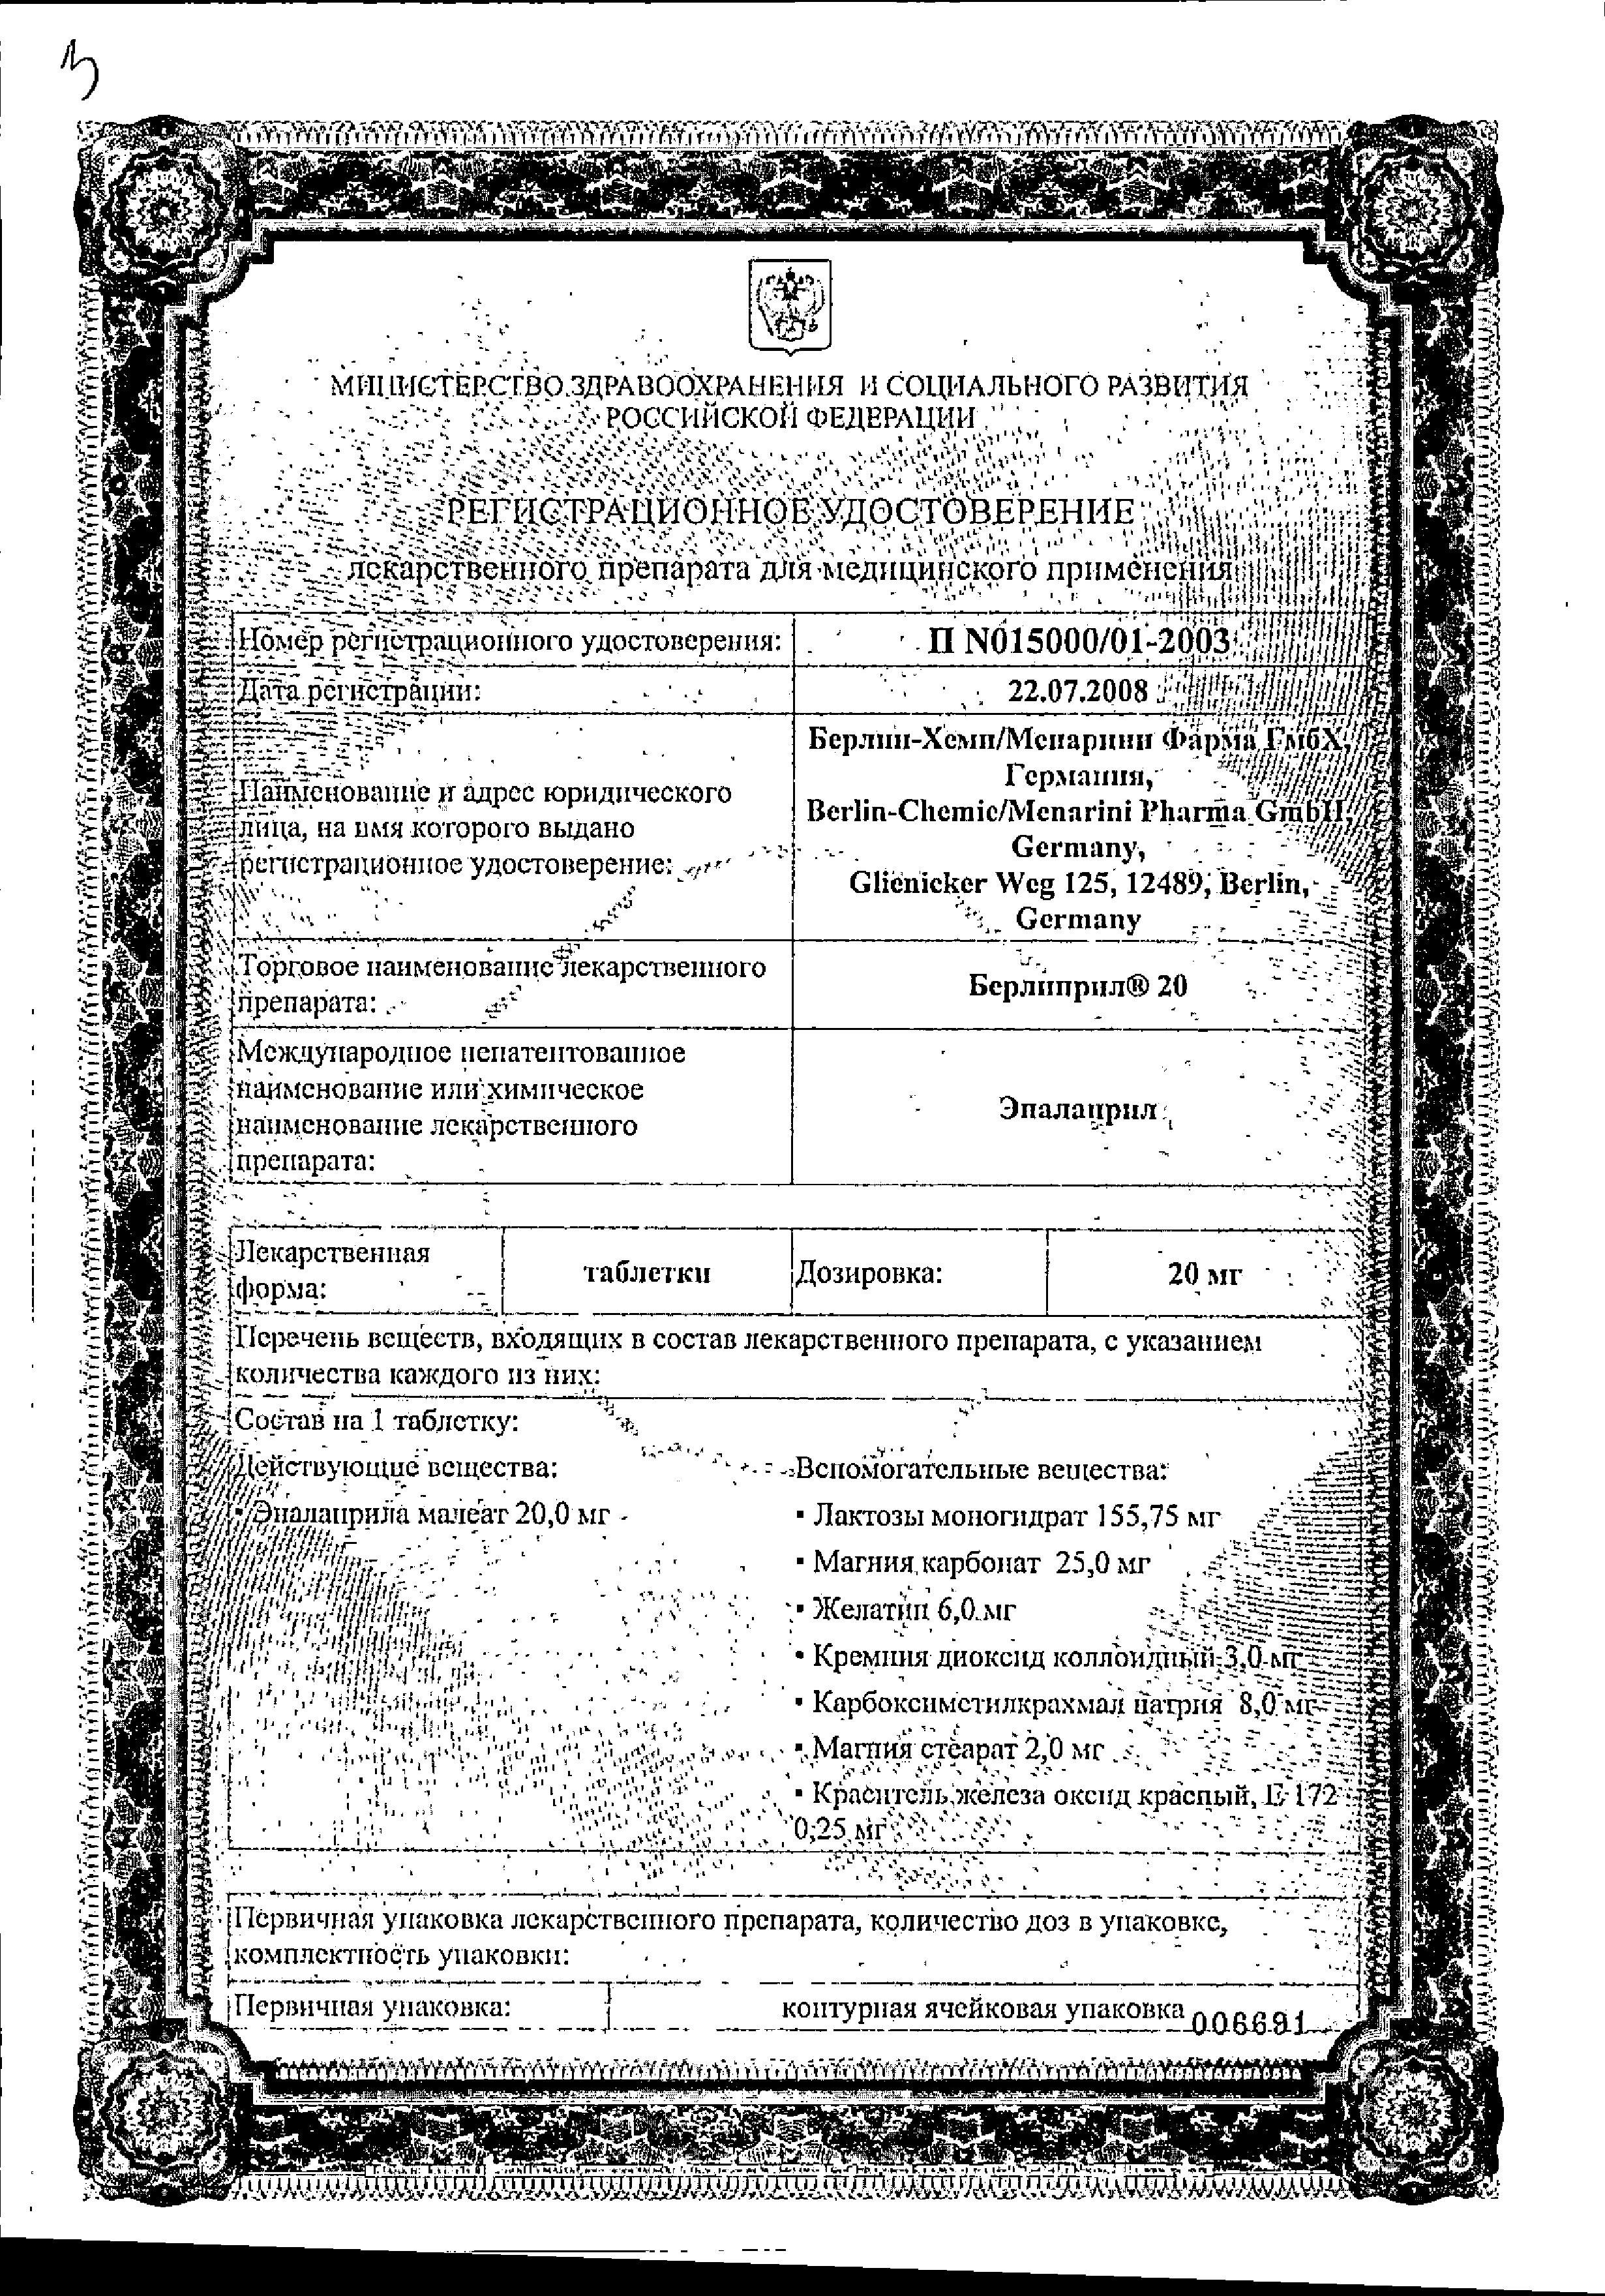 Берлиприл 20 сертификат